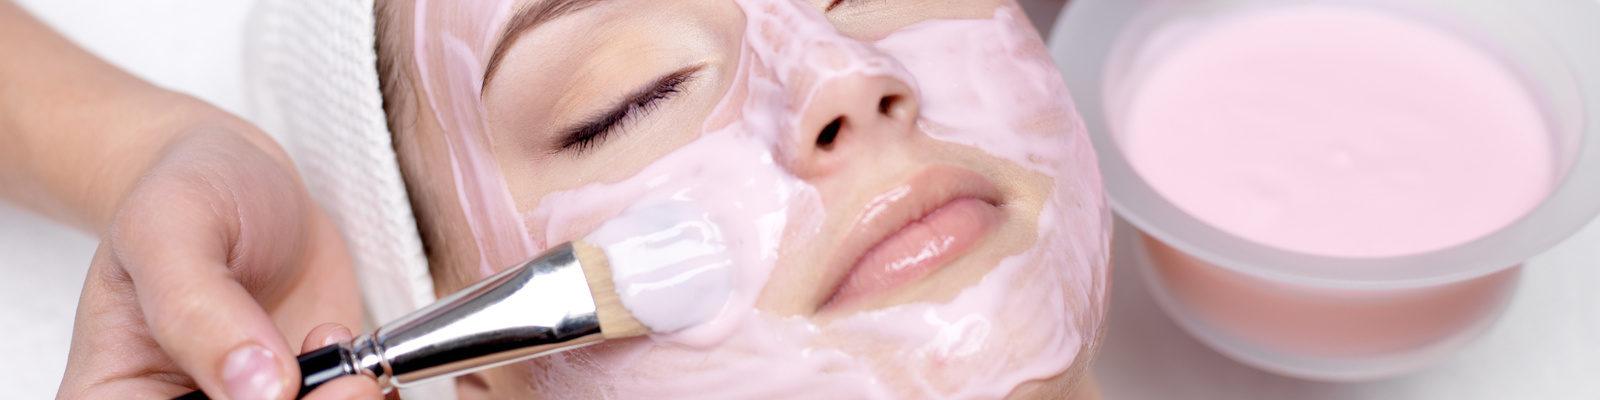 news tbn WEEH5iHJSb 1600x400 - 6 естественных способов значительно уменьшить морщины